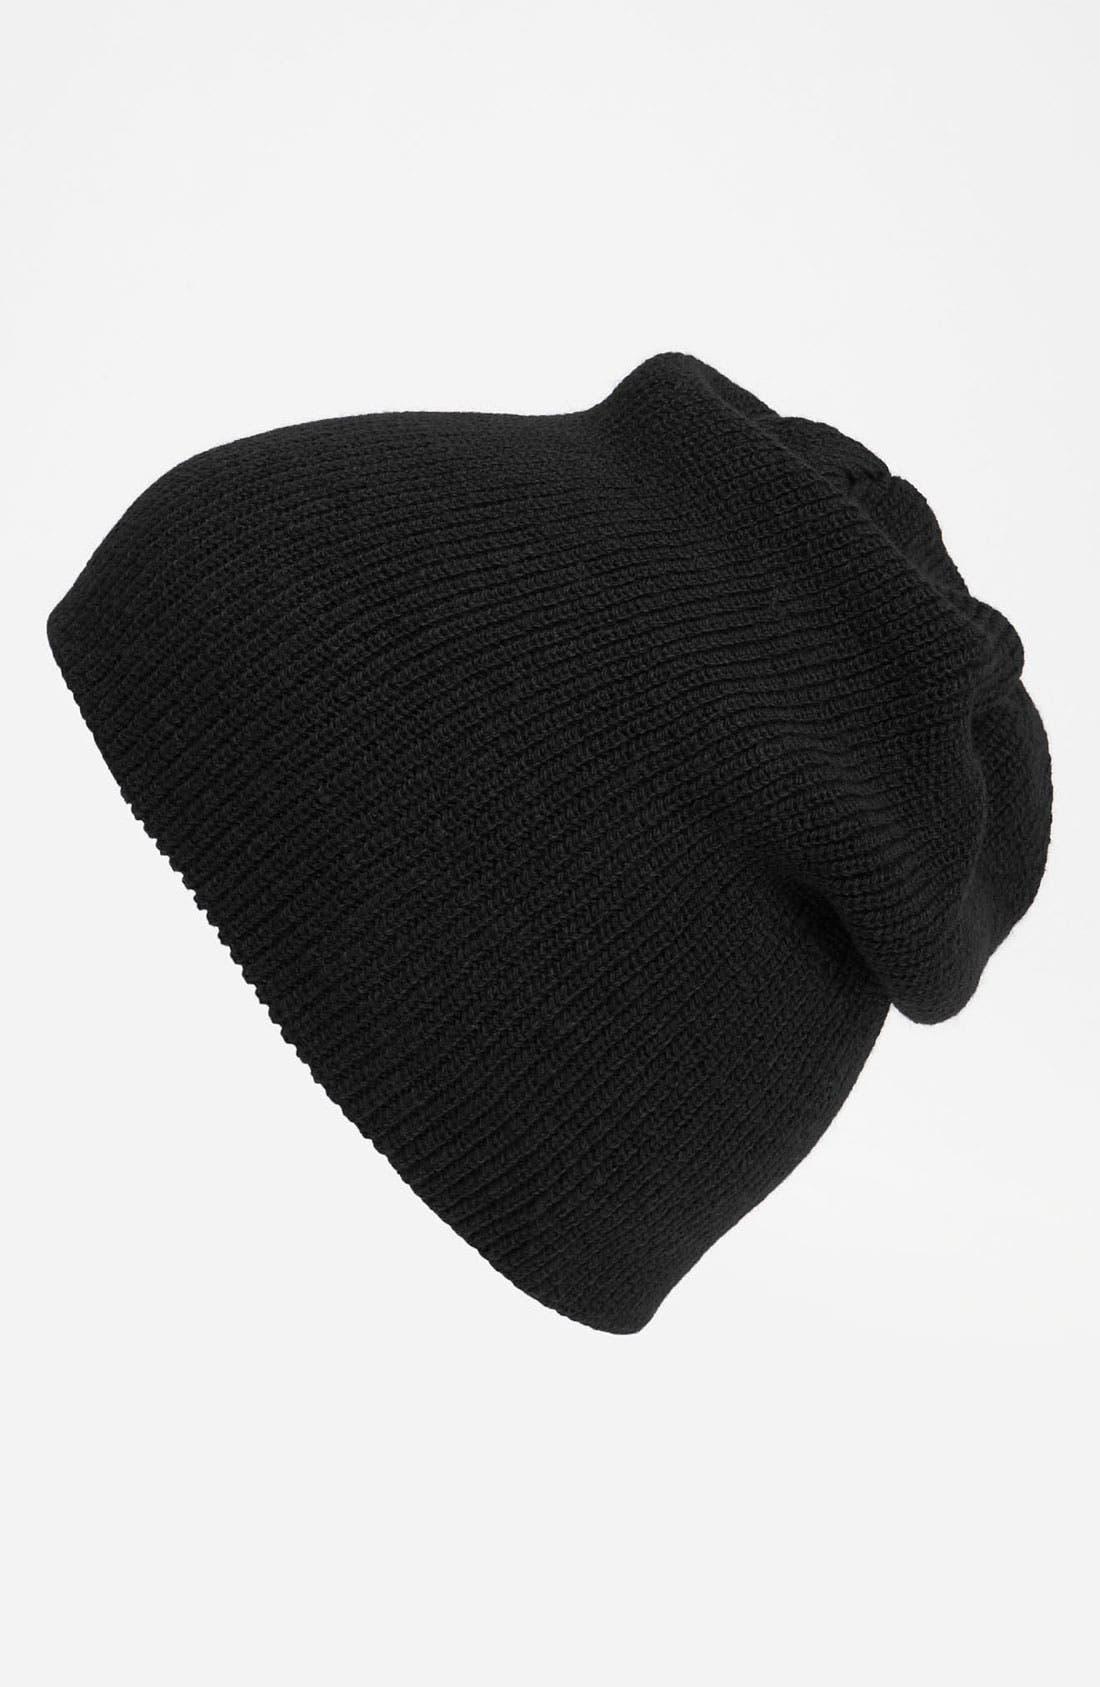 Alternate Image 1 Selected - Topman Knit Cap